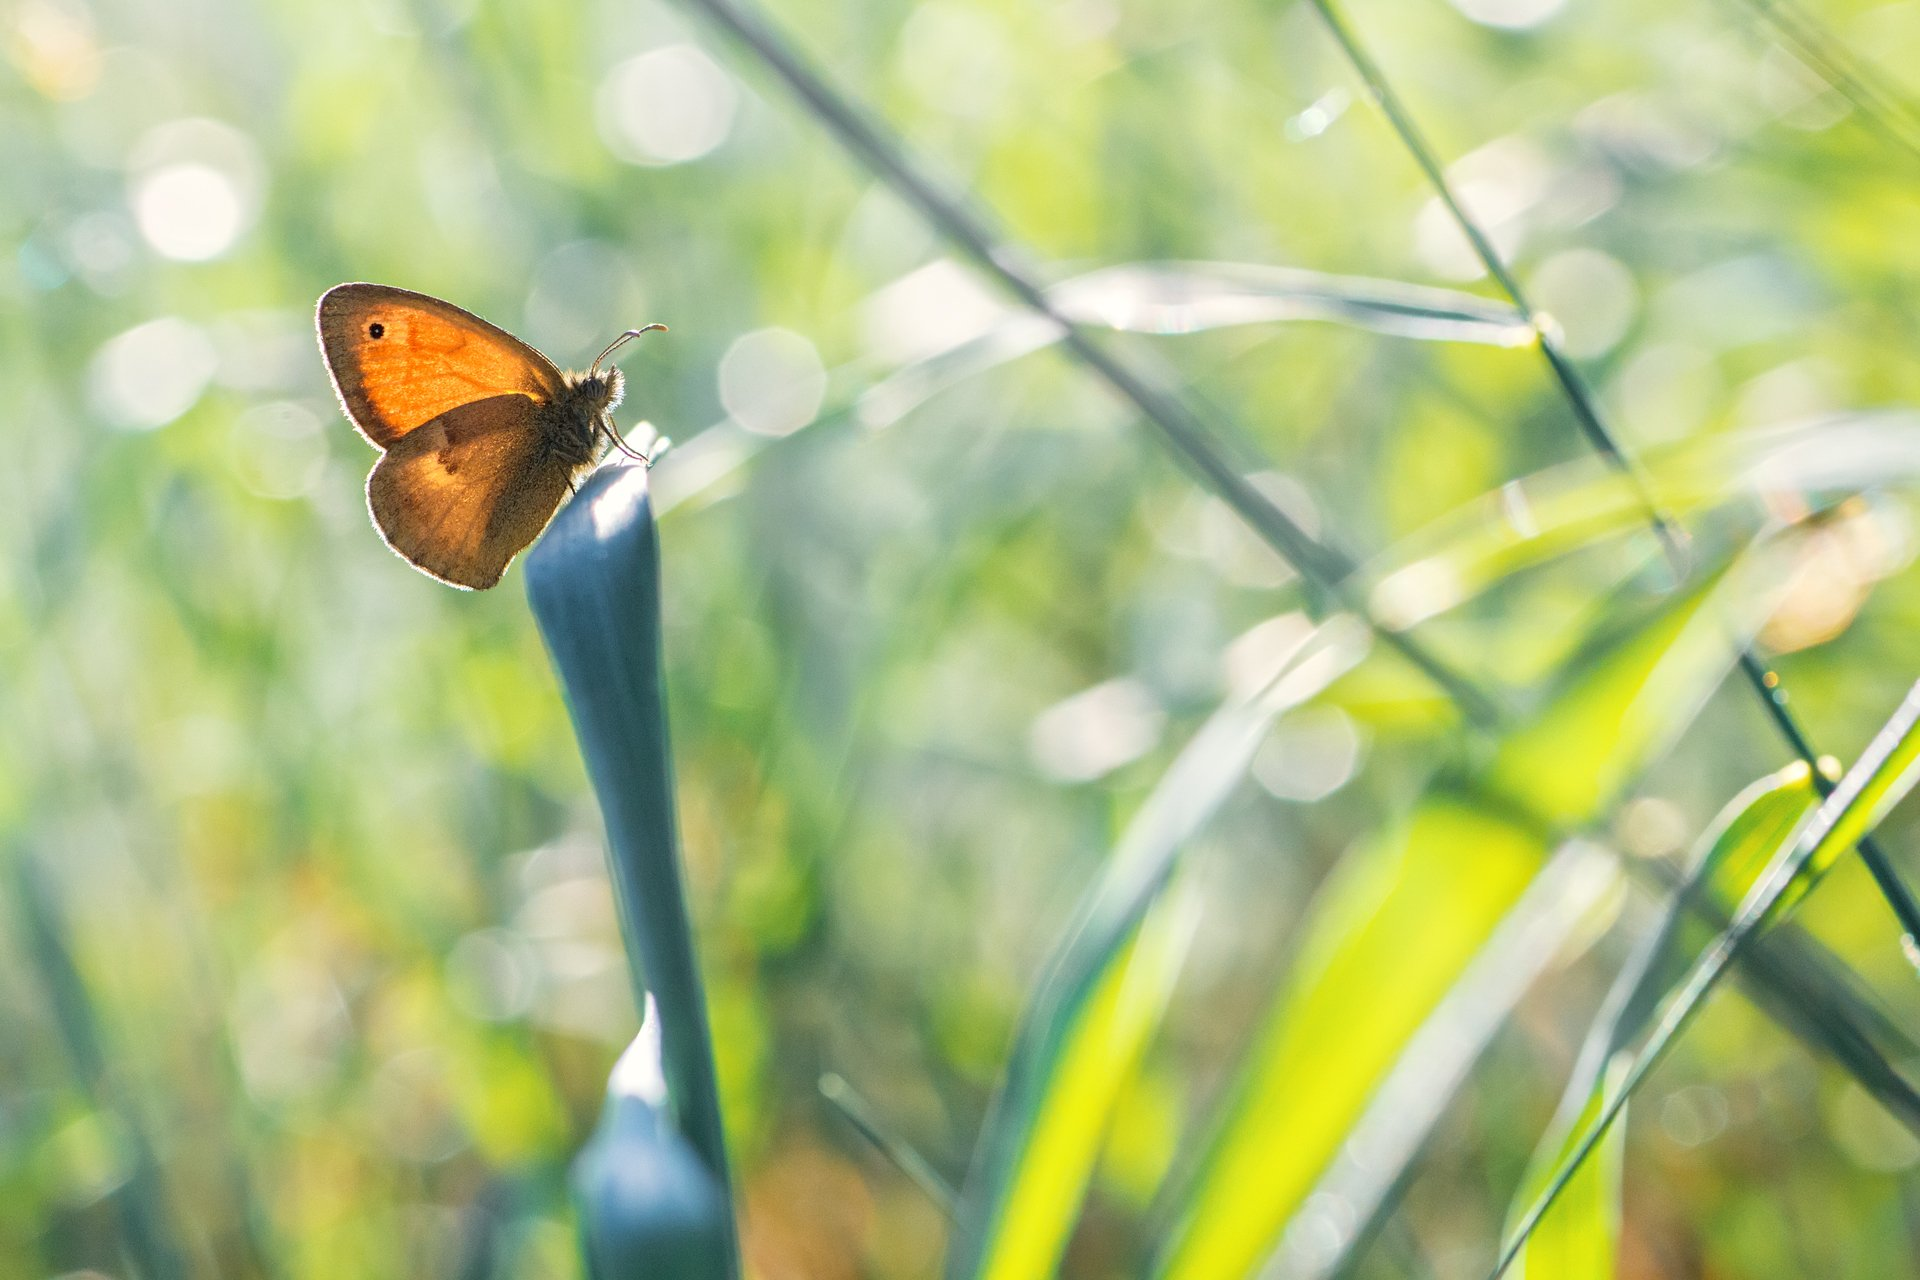 бабочка,лист,трава,солнце,крылья,свет,блик,цветок, Котов Юрий